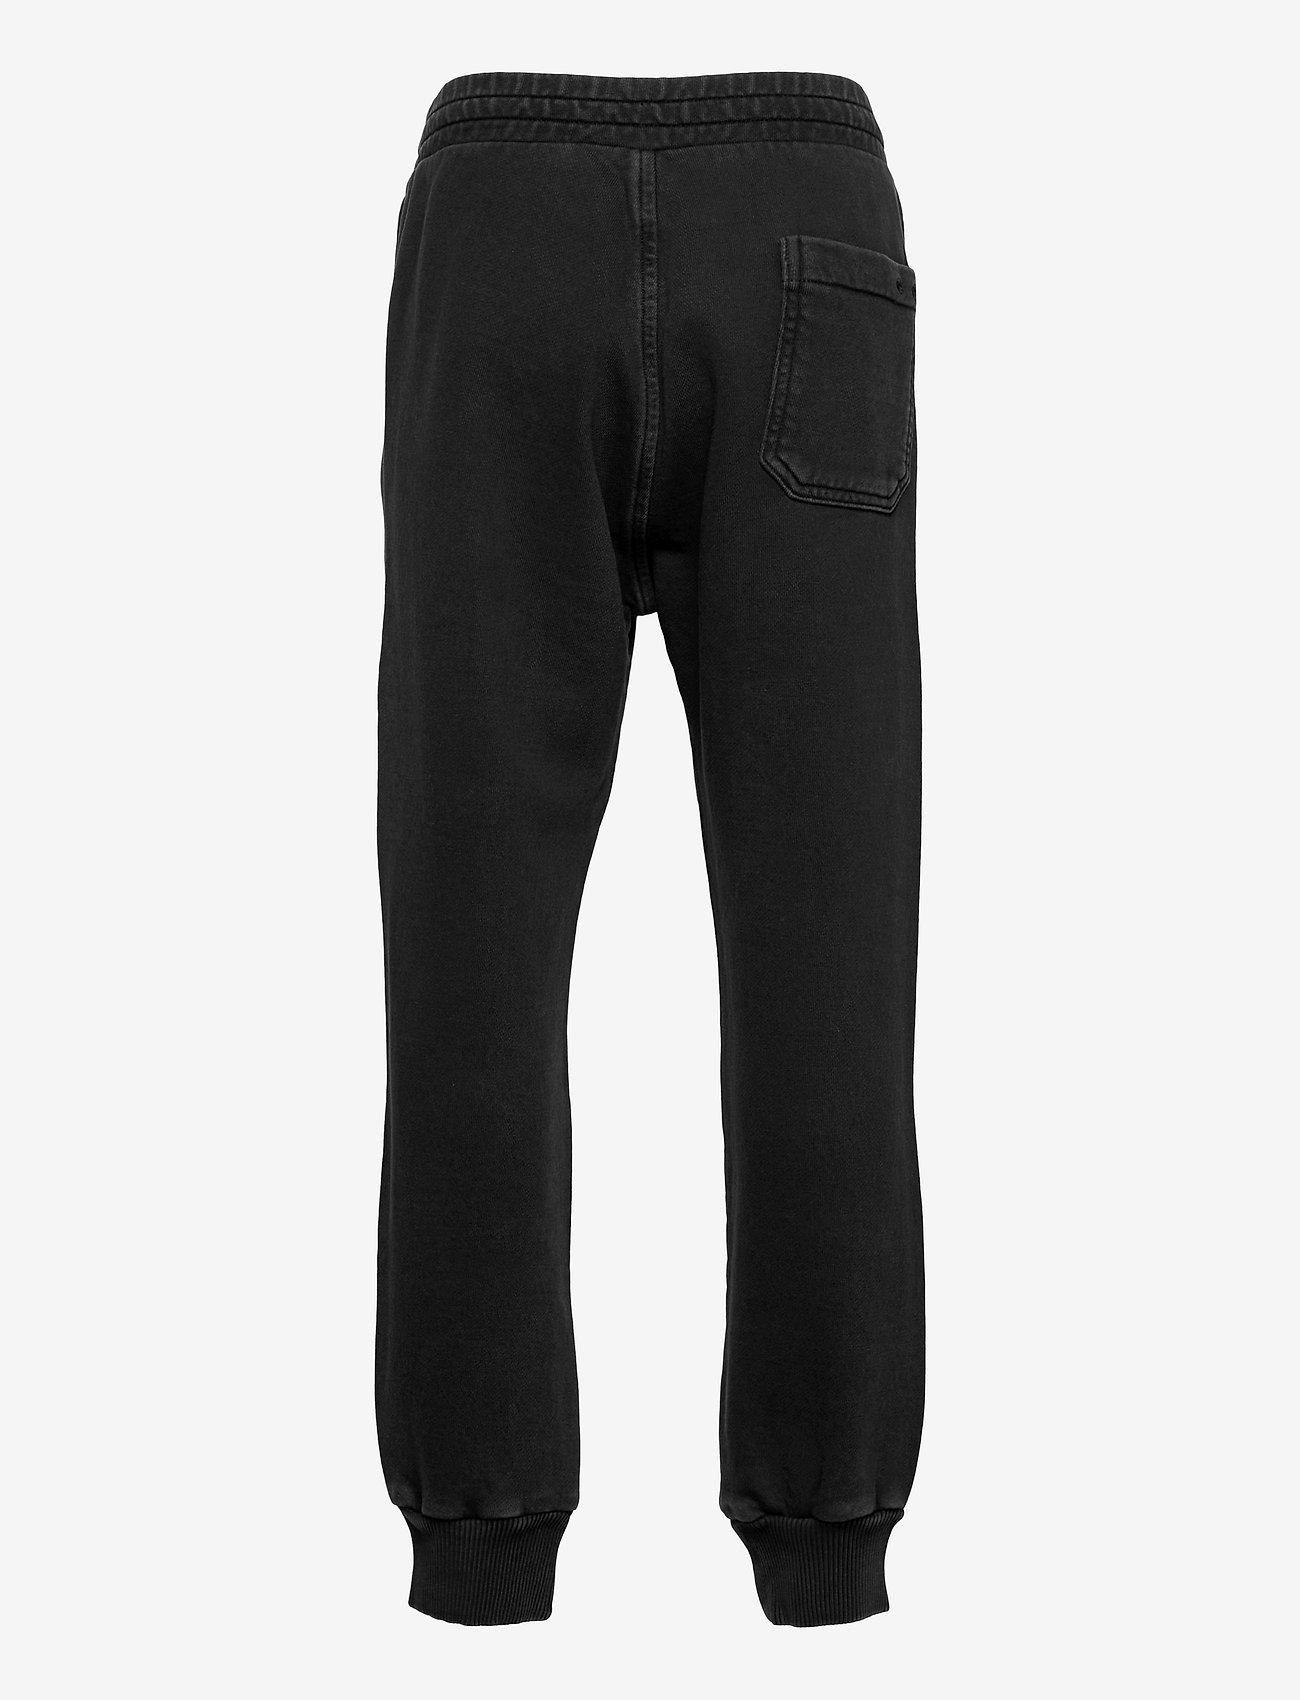 Diesel - PTA TROUSERS - trousers - nero - 1